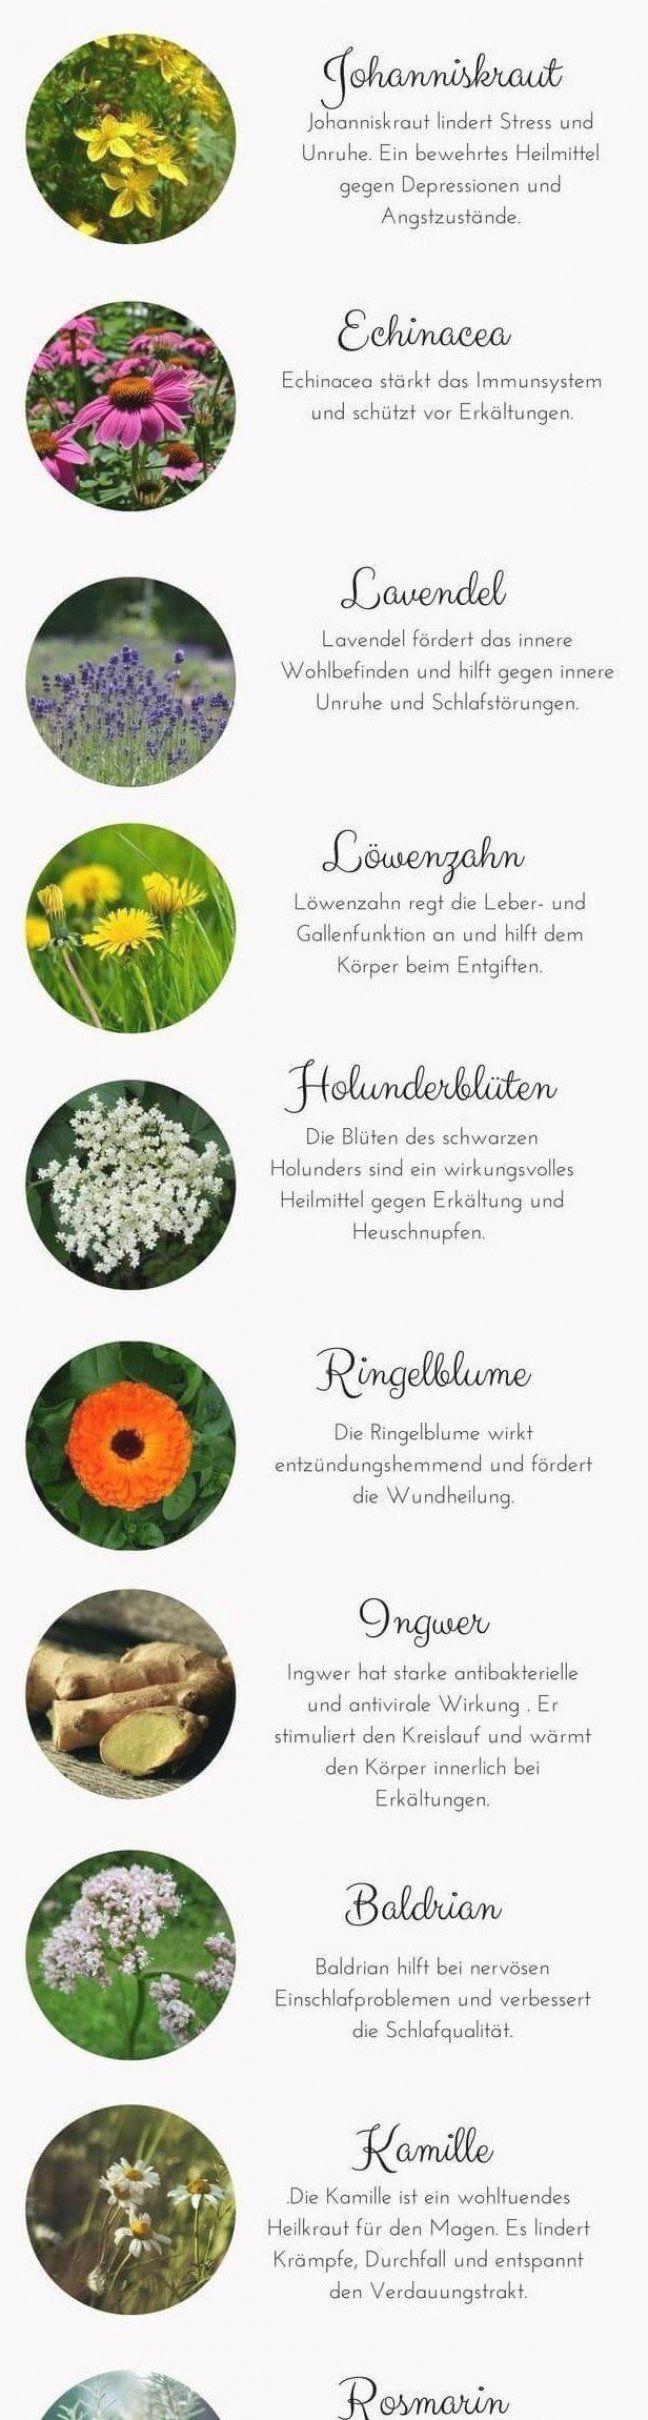 Tinkturen k  nnen ganz einfach selbst hergestellt werden  Es gibt unz  hlige wunderbare Heilpflanzen...